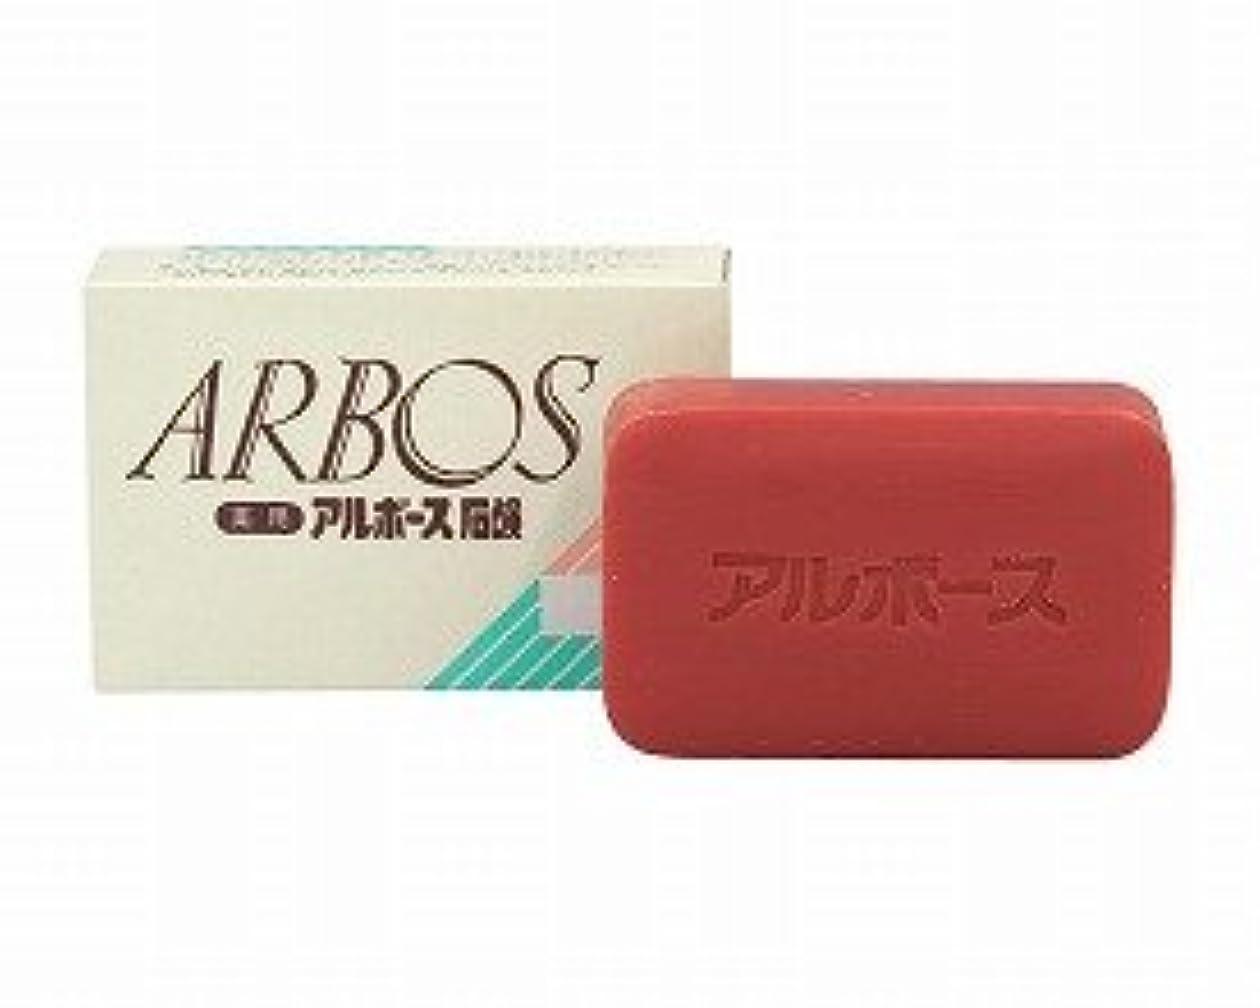 歌詞竜巻見ました薬用アルボース石鹸 85g 1ケース(240個入) (アルボース) (清拭小物)